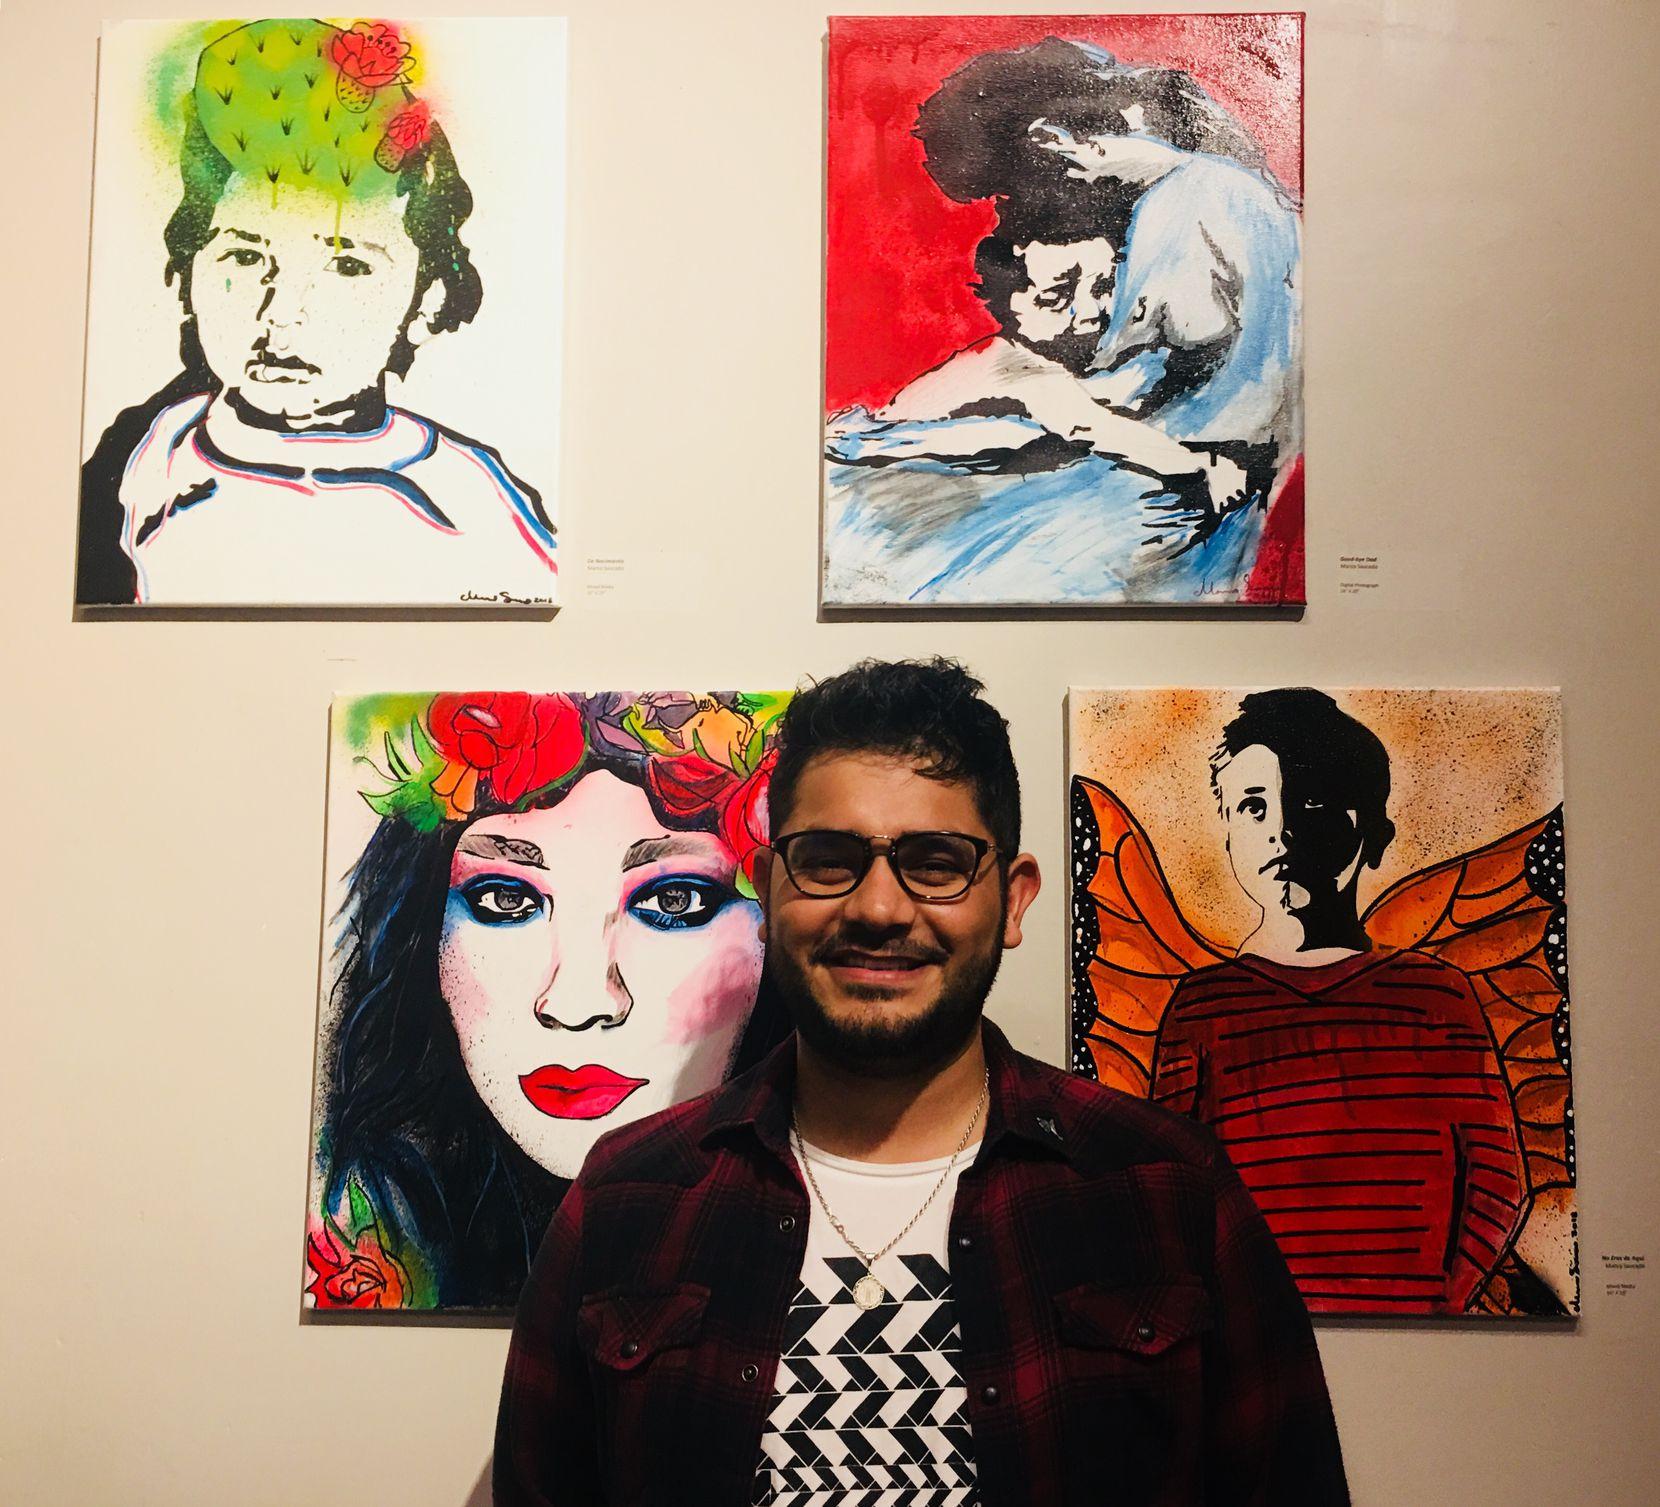 El artista Marco Saucedo fotografiado al frente de sus obras en el Oak Cliff Cultural Center el 4 de mayo de 2018, en el marco de la exposición Maricón. Foto: Jenny Manrique / Al Día